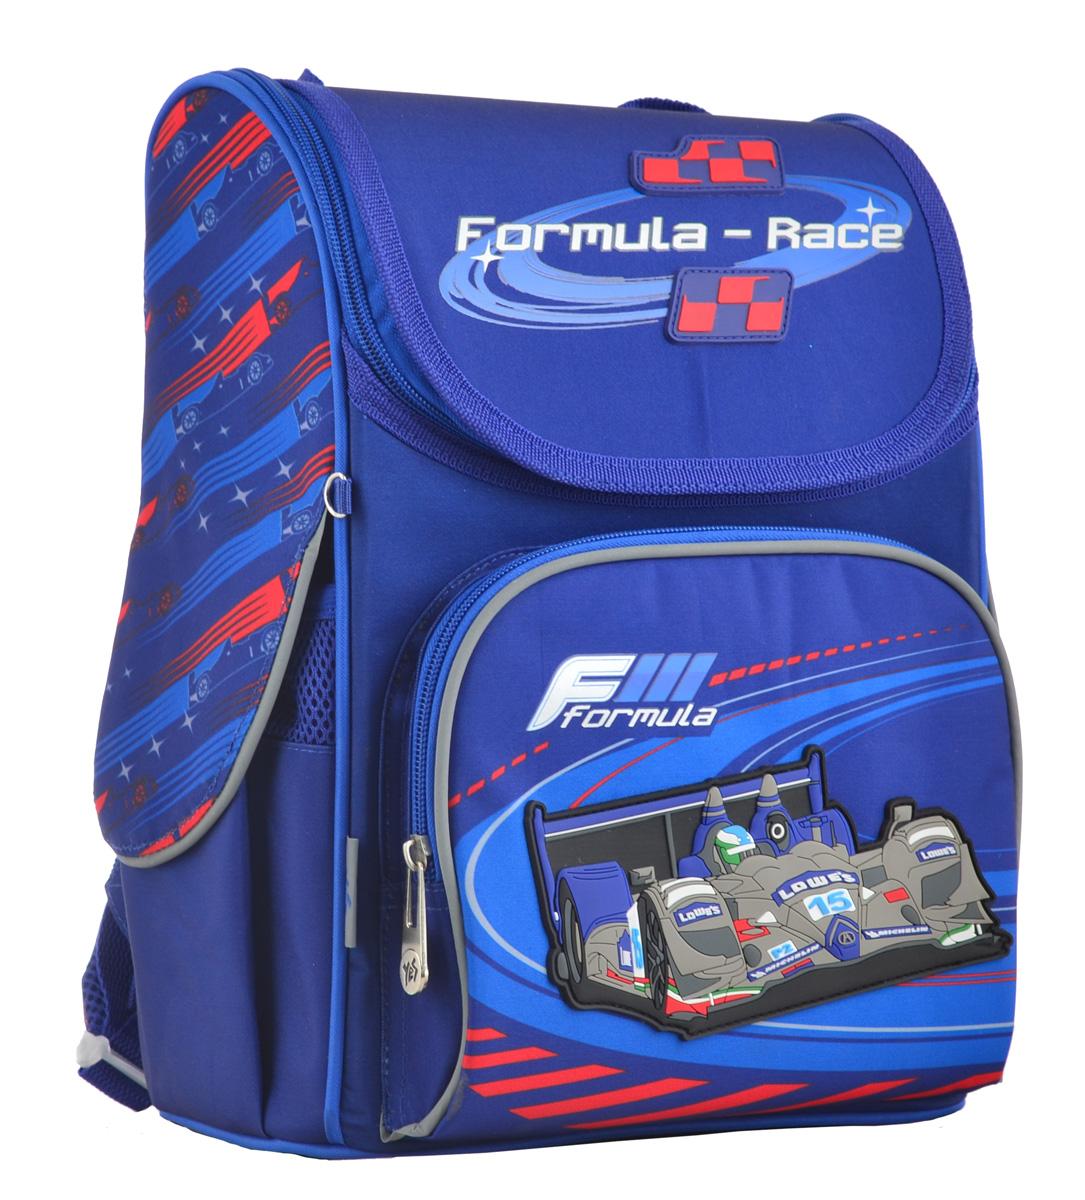 Рюкзак каркасный H-11 Formula-race, 33.5*26*13.5